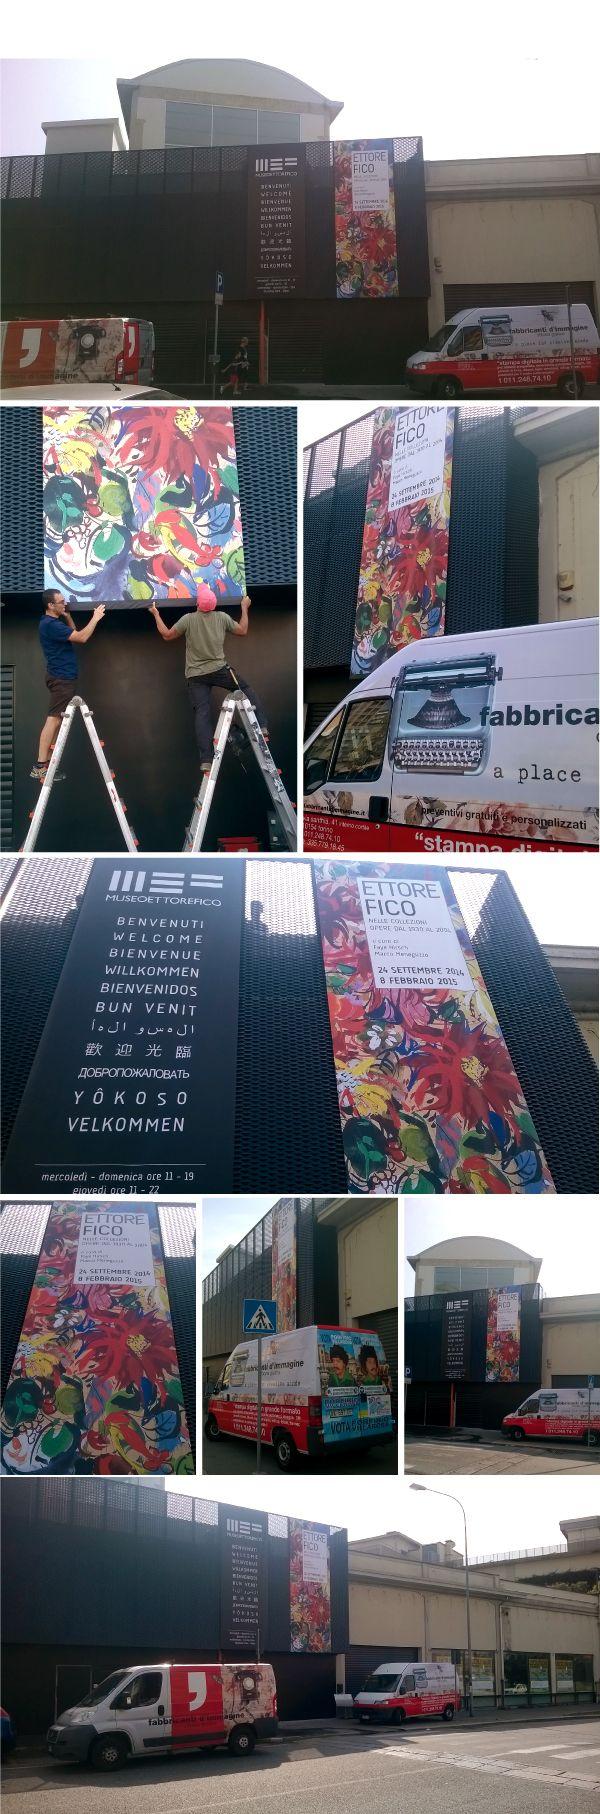 stampa digitale   decorazione facciata del Museo Ettore Fico a Torino Barriera di Milano con banner stampati su pvc